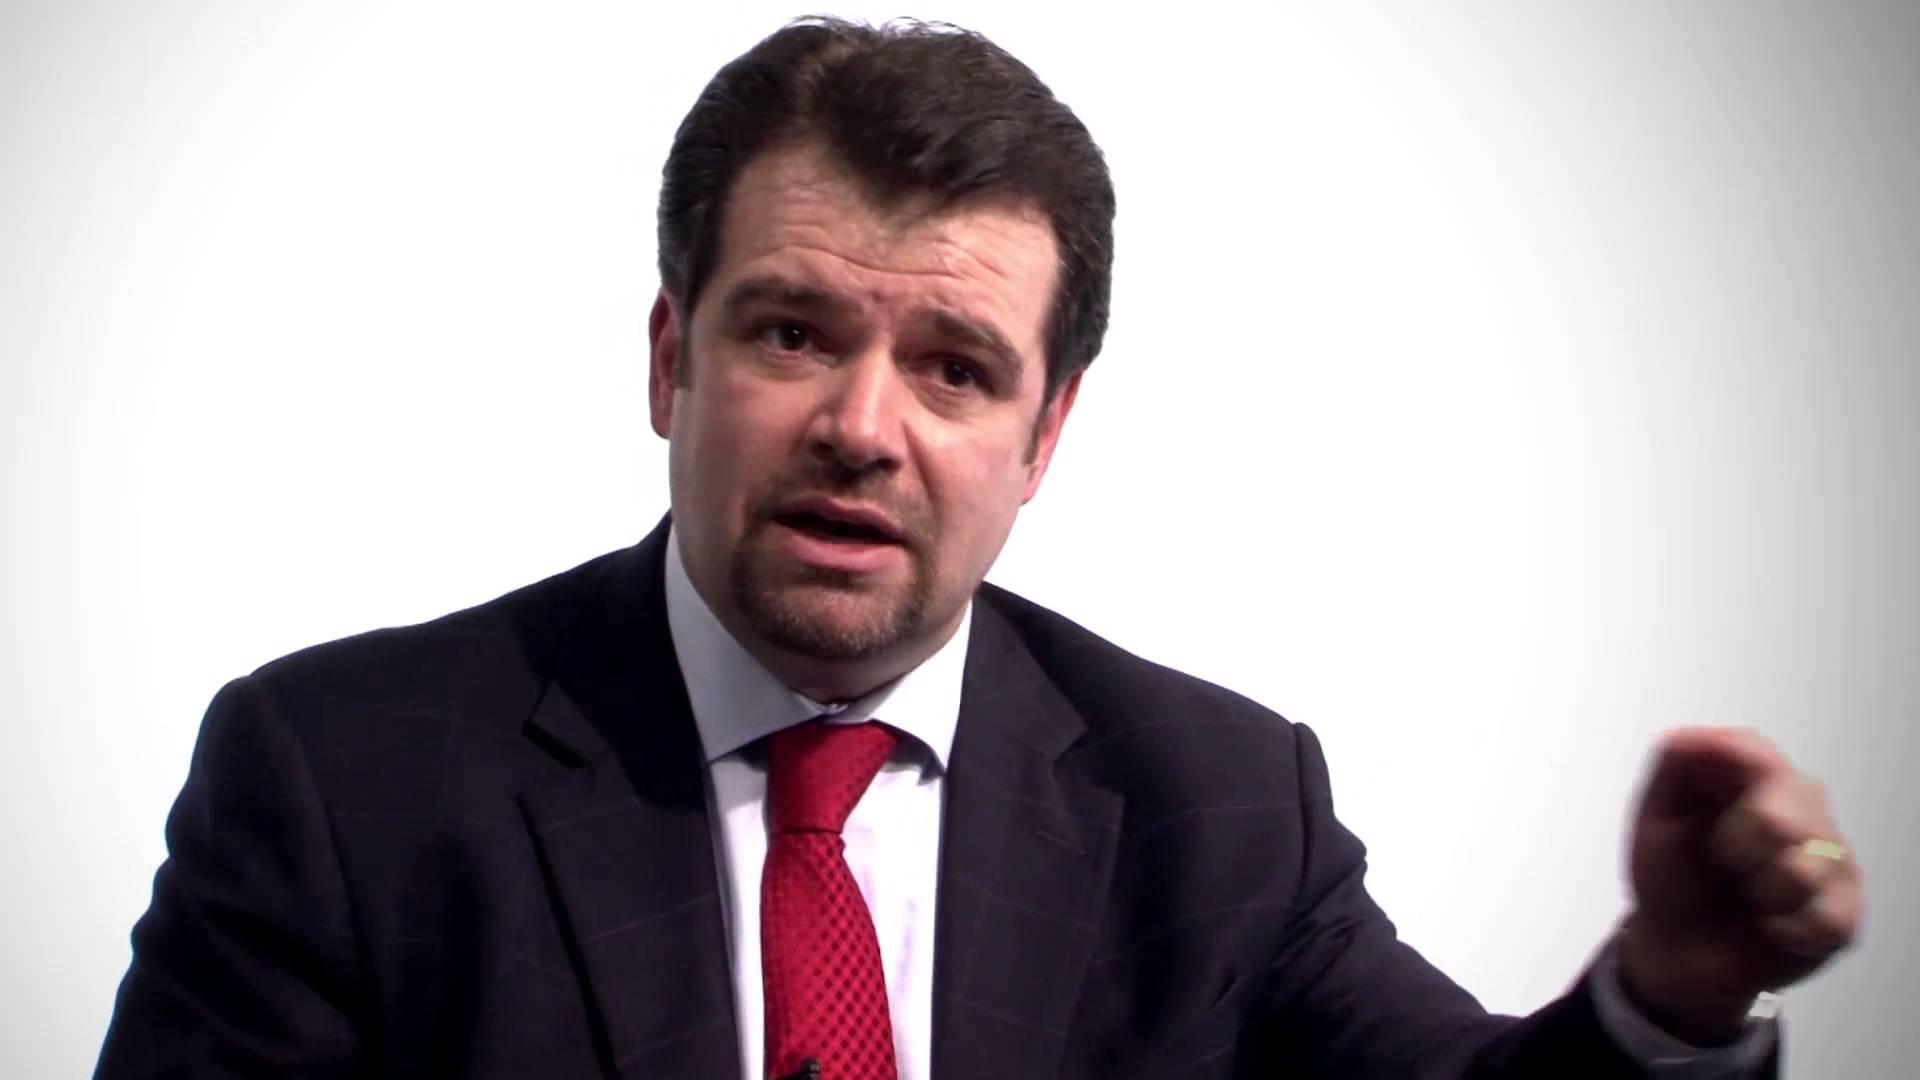 """JURISTAS RESPONDEM: Cláudio Pereira: """"Existe a possibilidade de o ex-presidente Lula sair pela via judicial, caso os recursos extraordinários que devem ser apresentados por seus advogados sejam acolhidos e providos"""" – Foto: Reprodução/YouTube"""